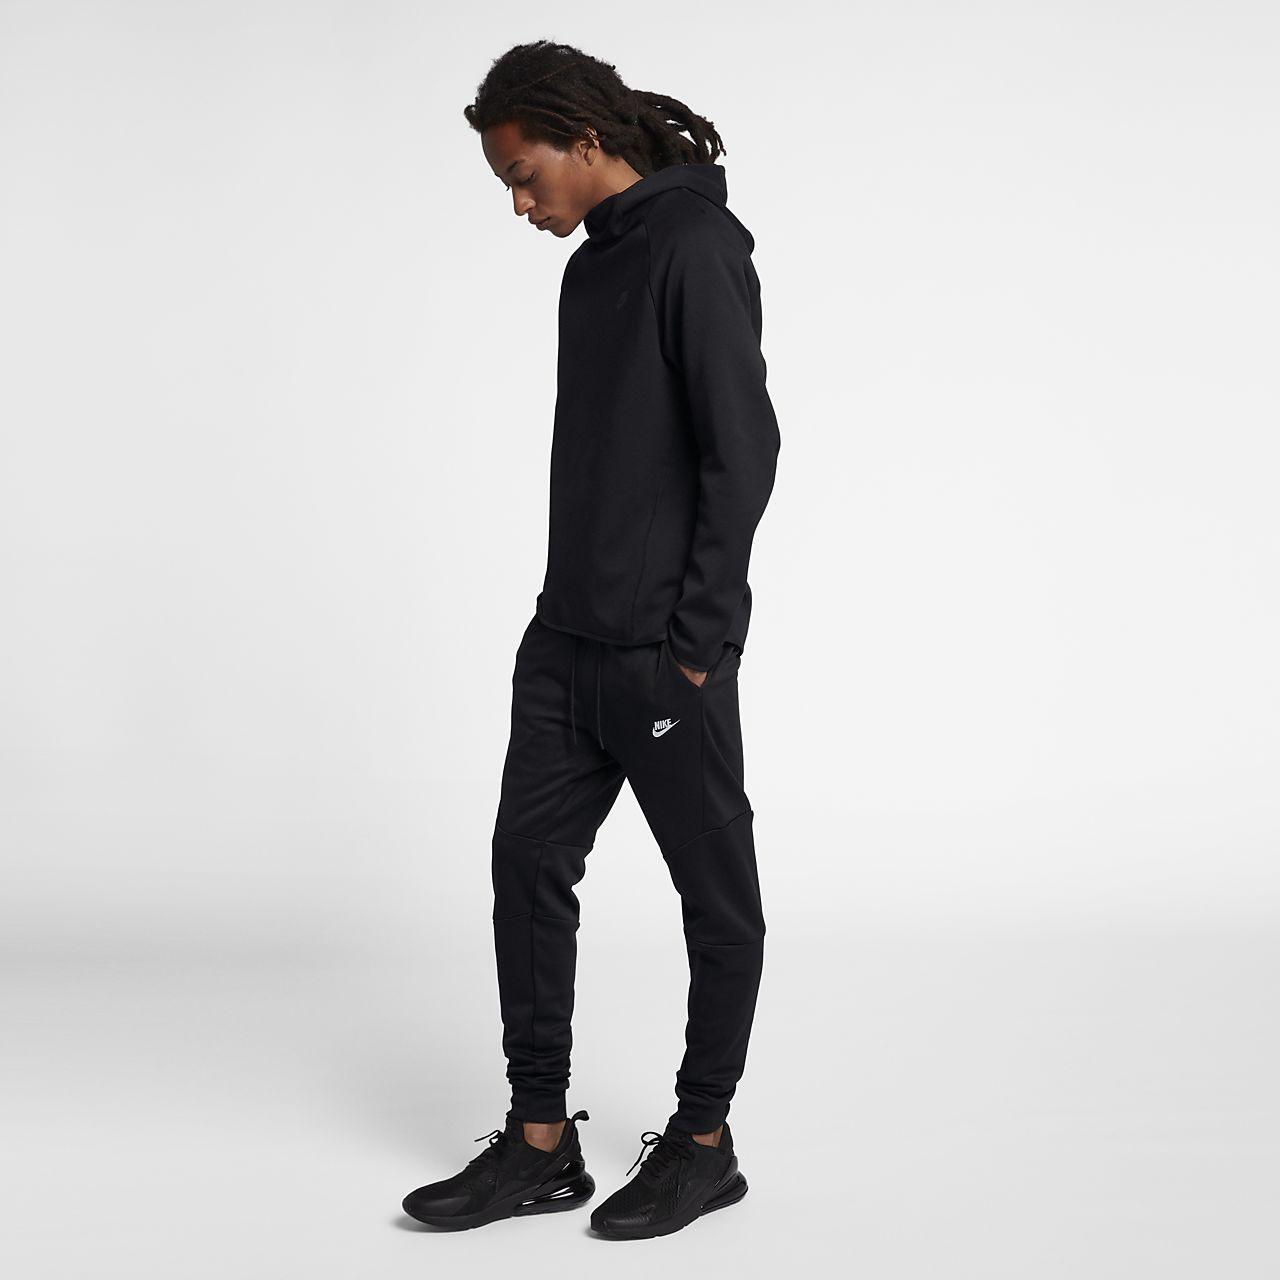 72807bf9156 Nike Sportswear Tech Fleece Men s Pullover Hoodie